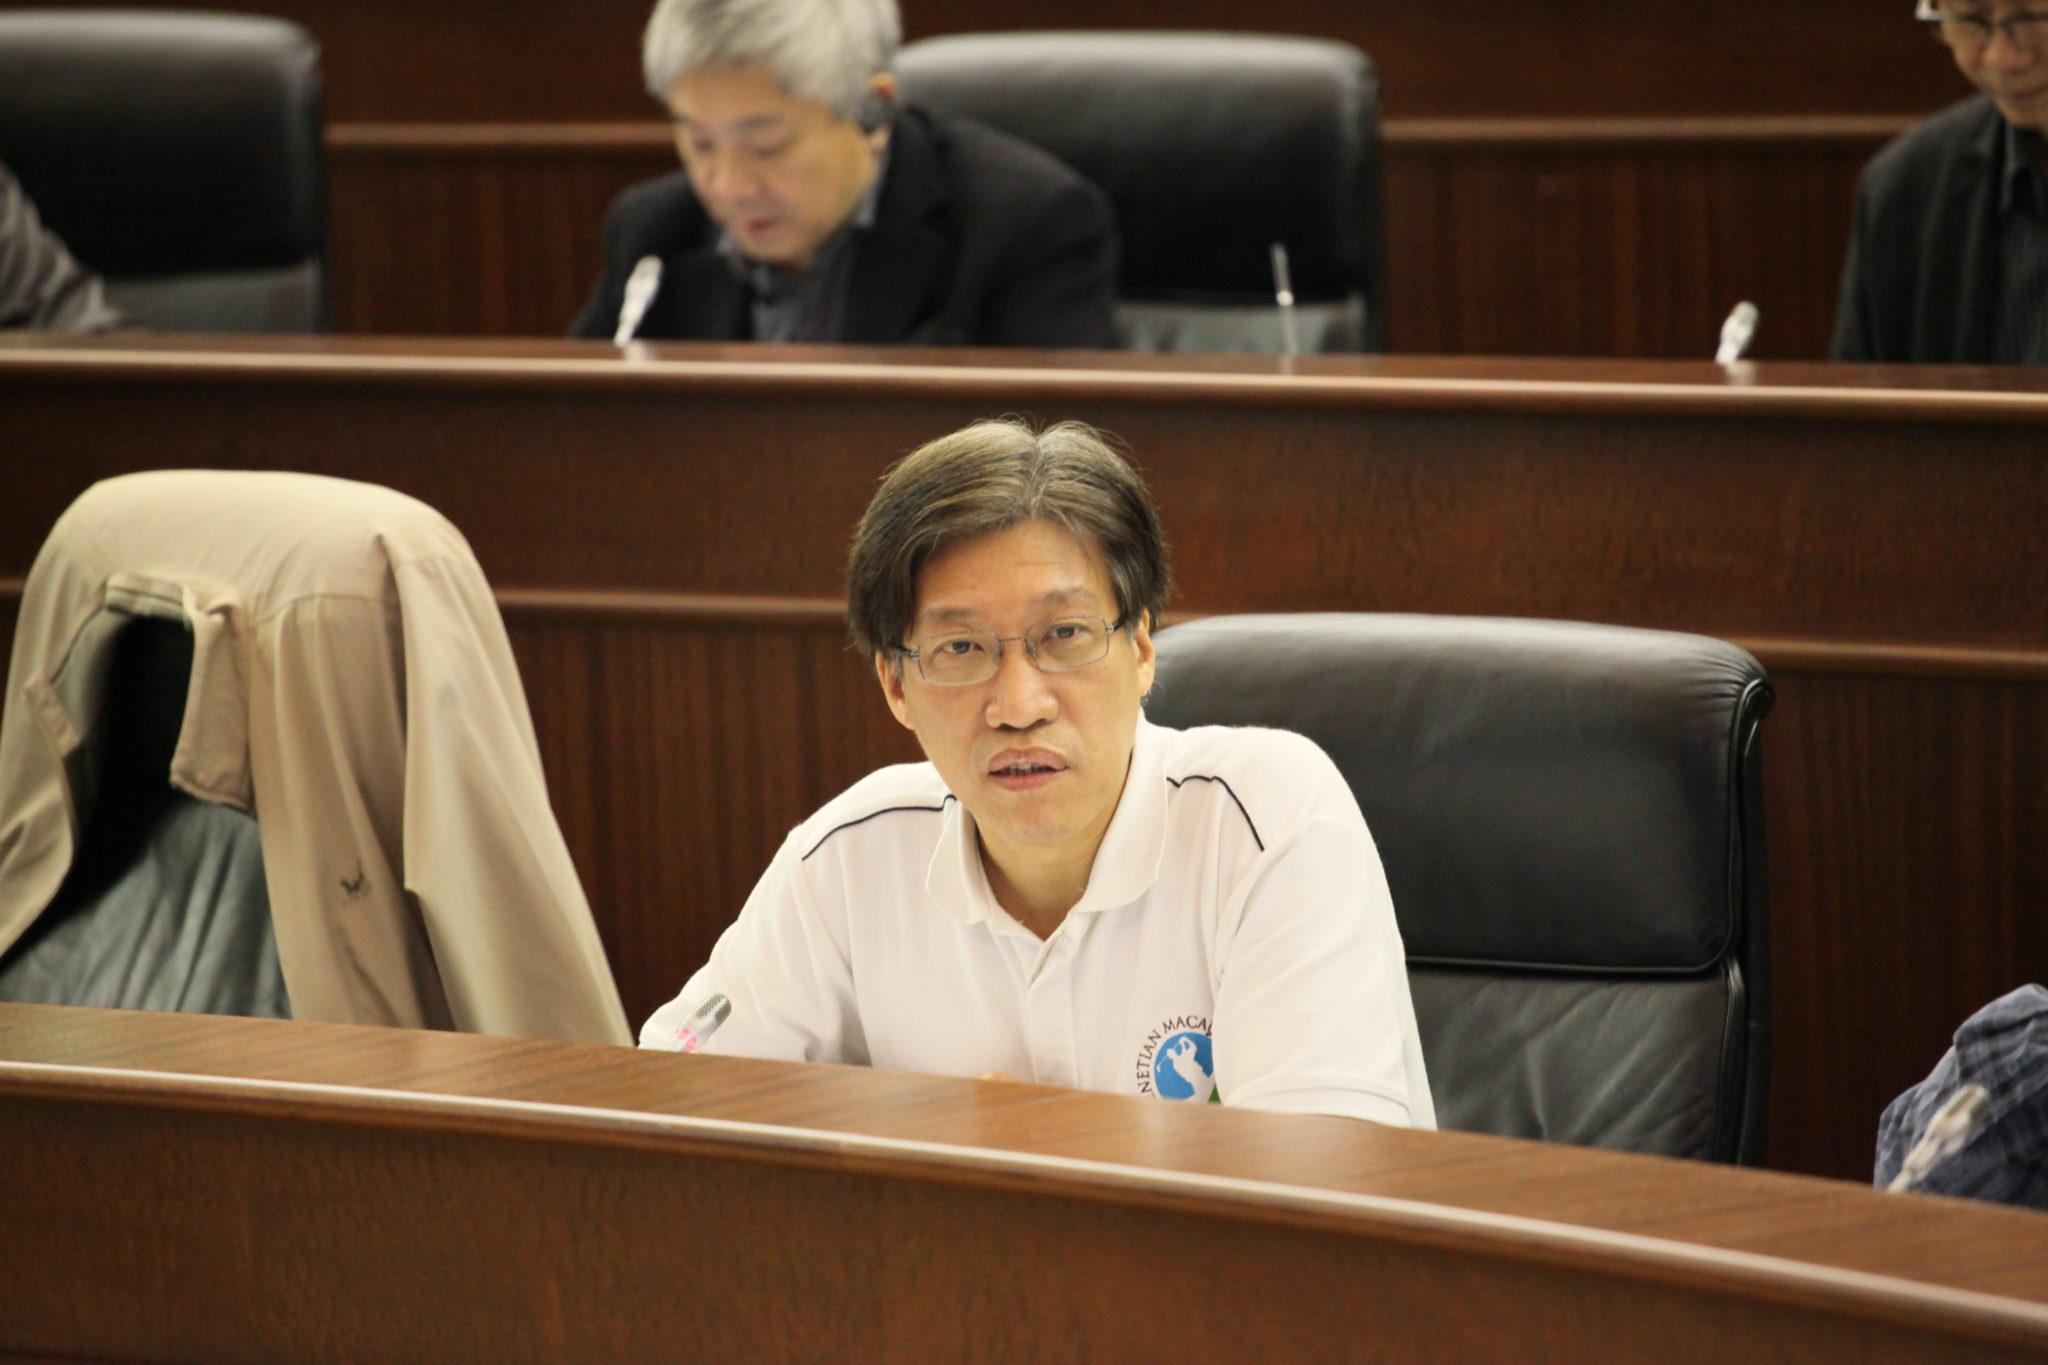 Reciclagem | Macau sem condições para desenvolver indústria